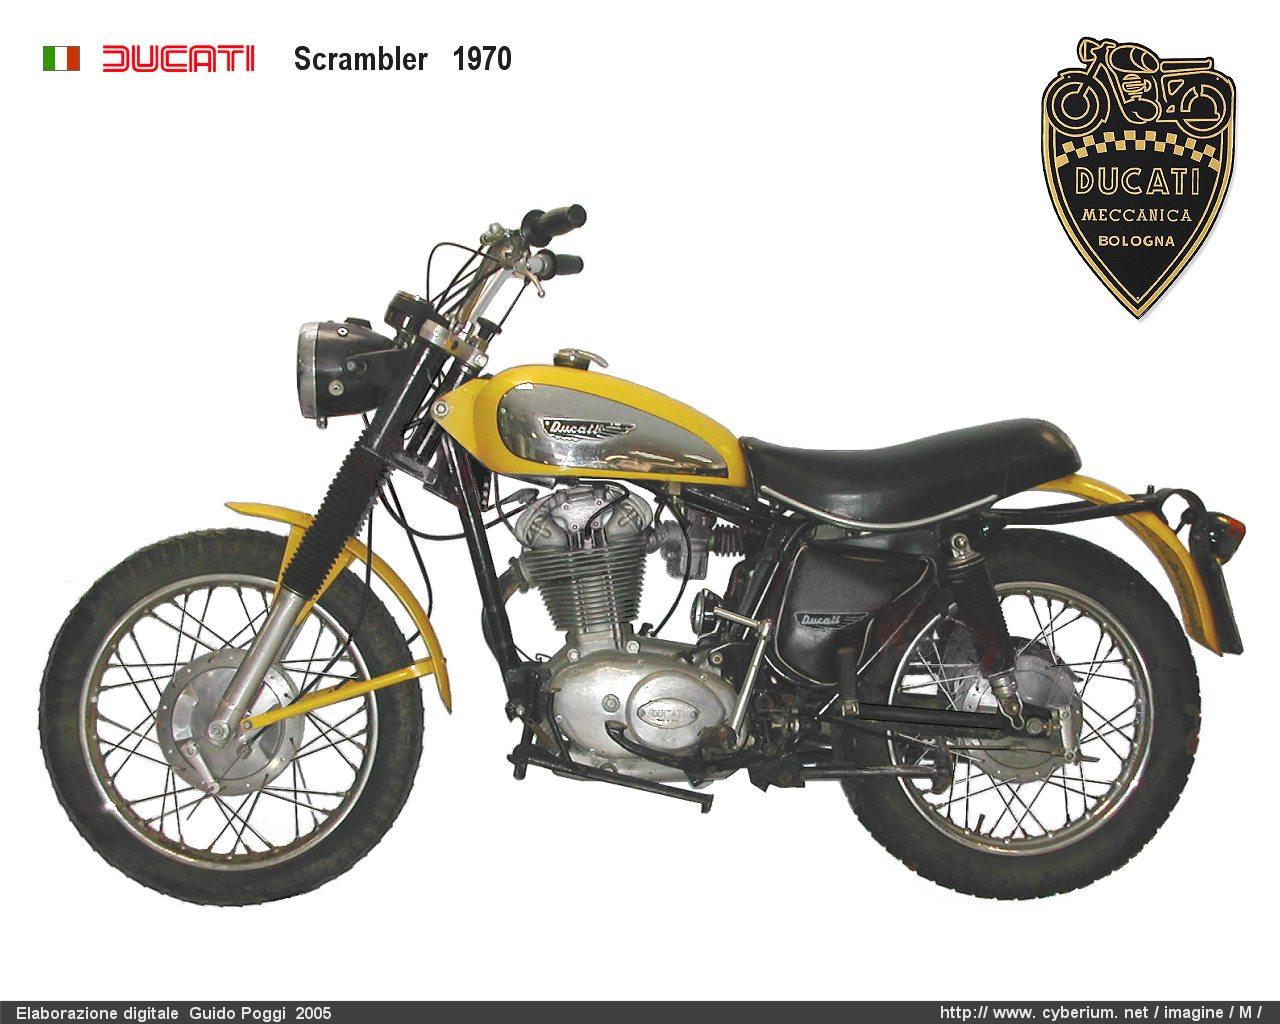 DUCATI SRAMBLER 450